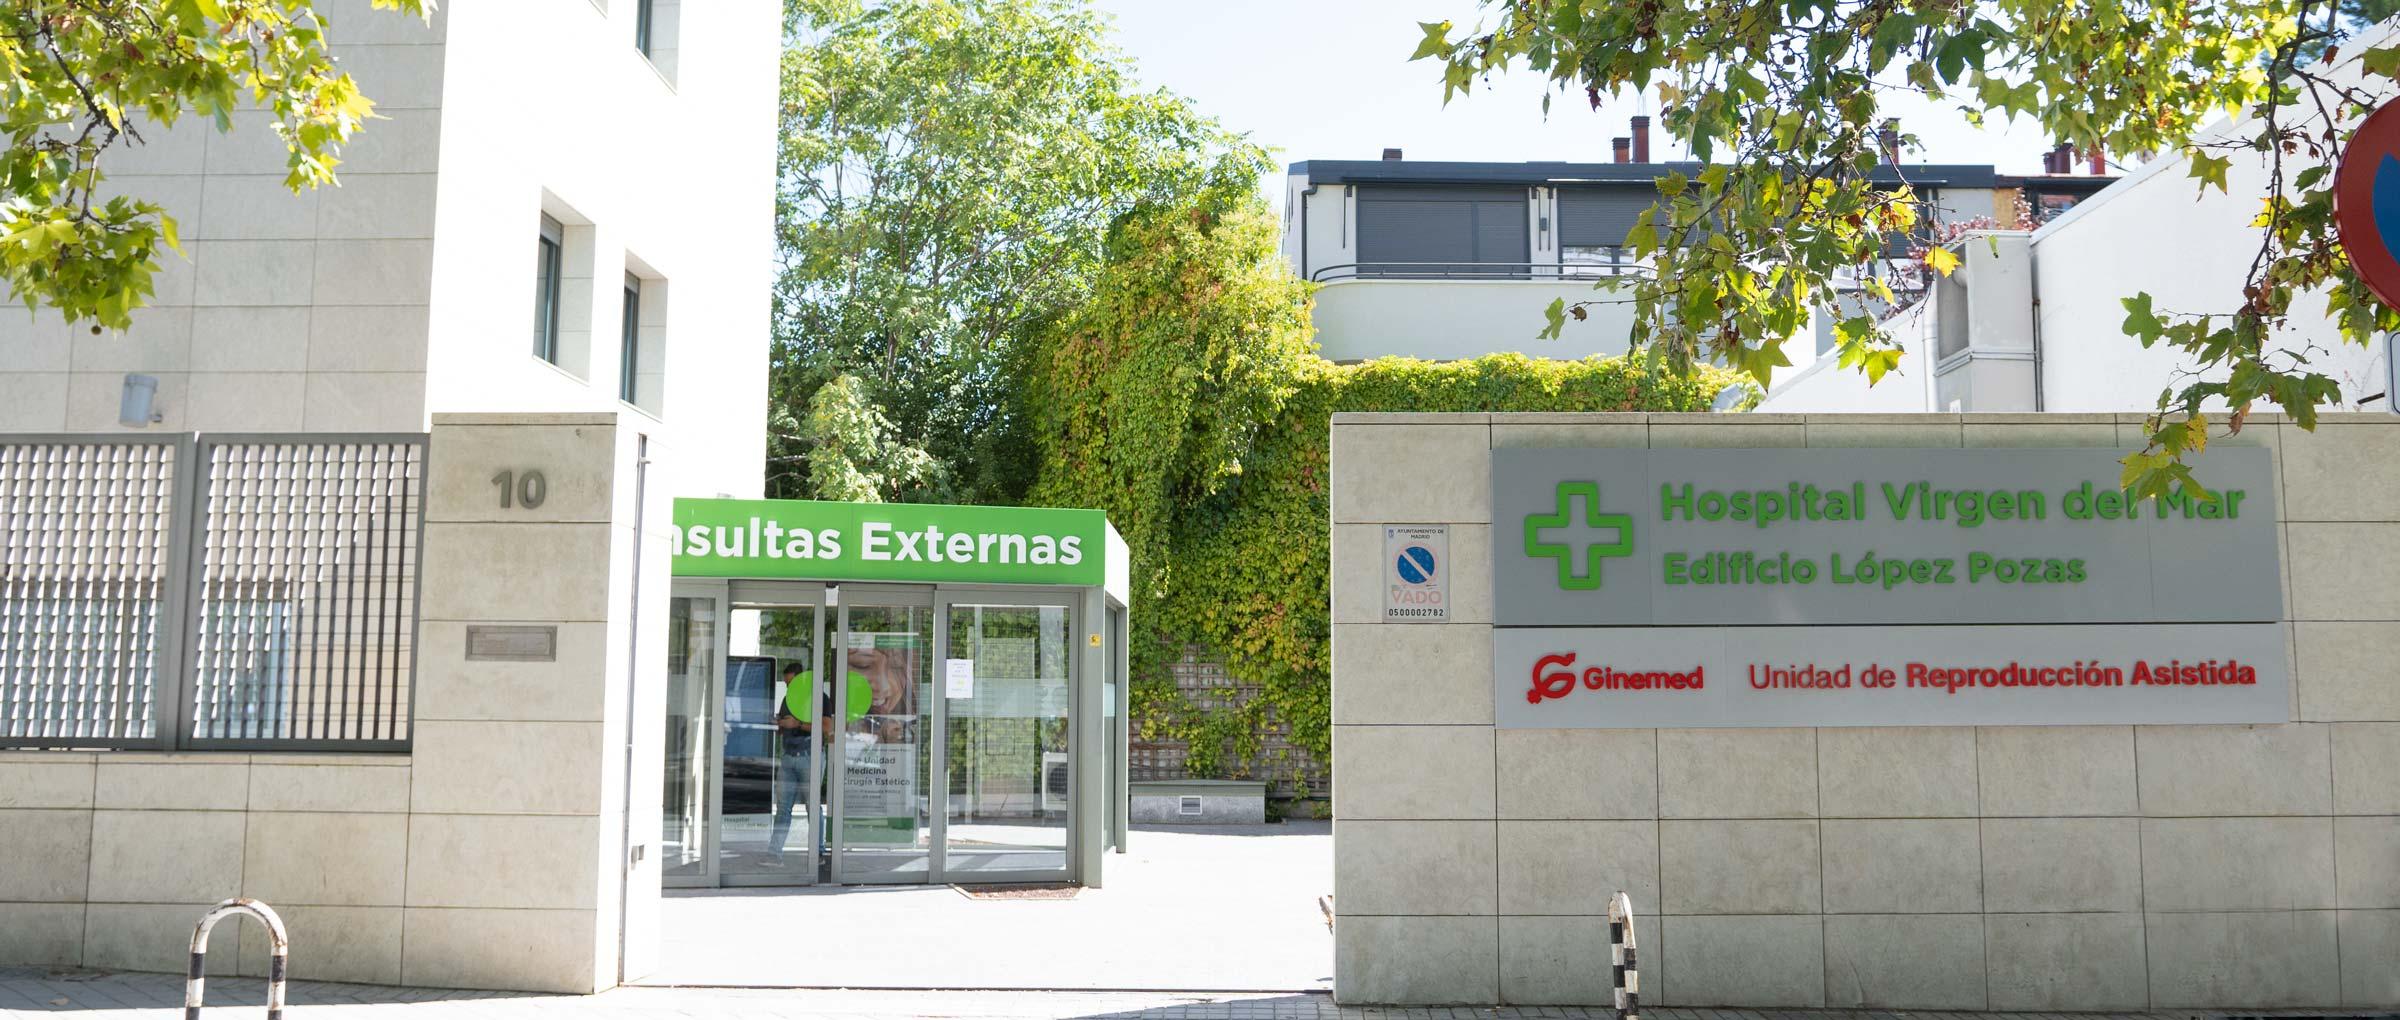 fachada-ginemed-centro